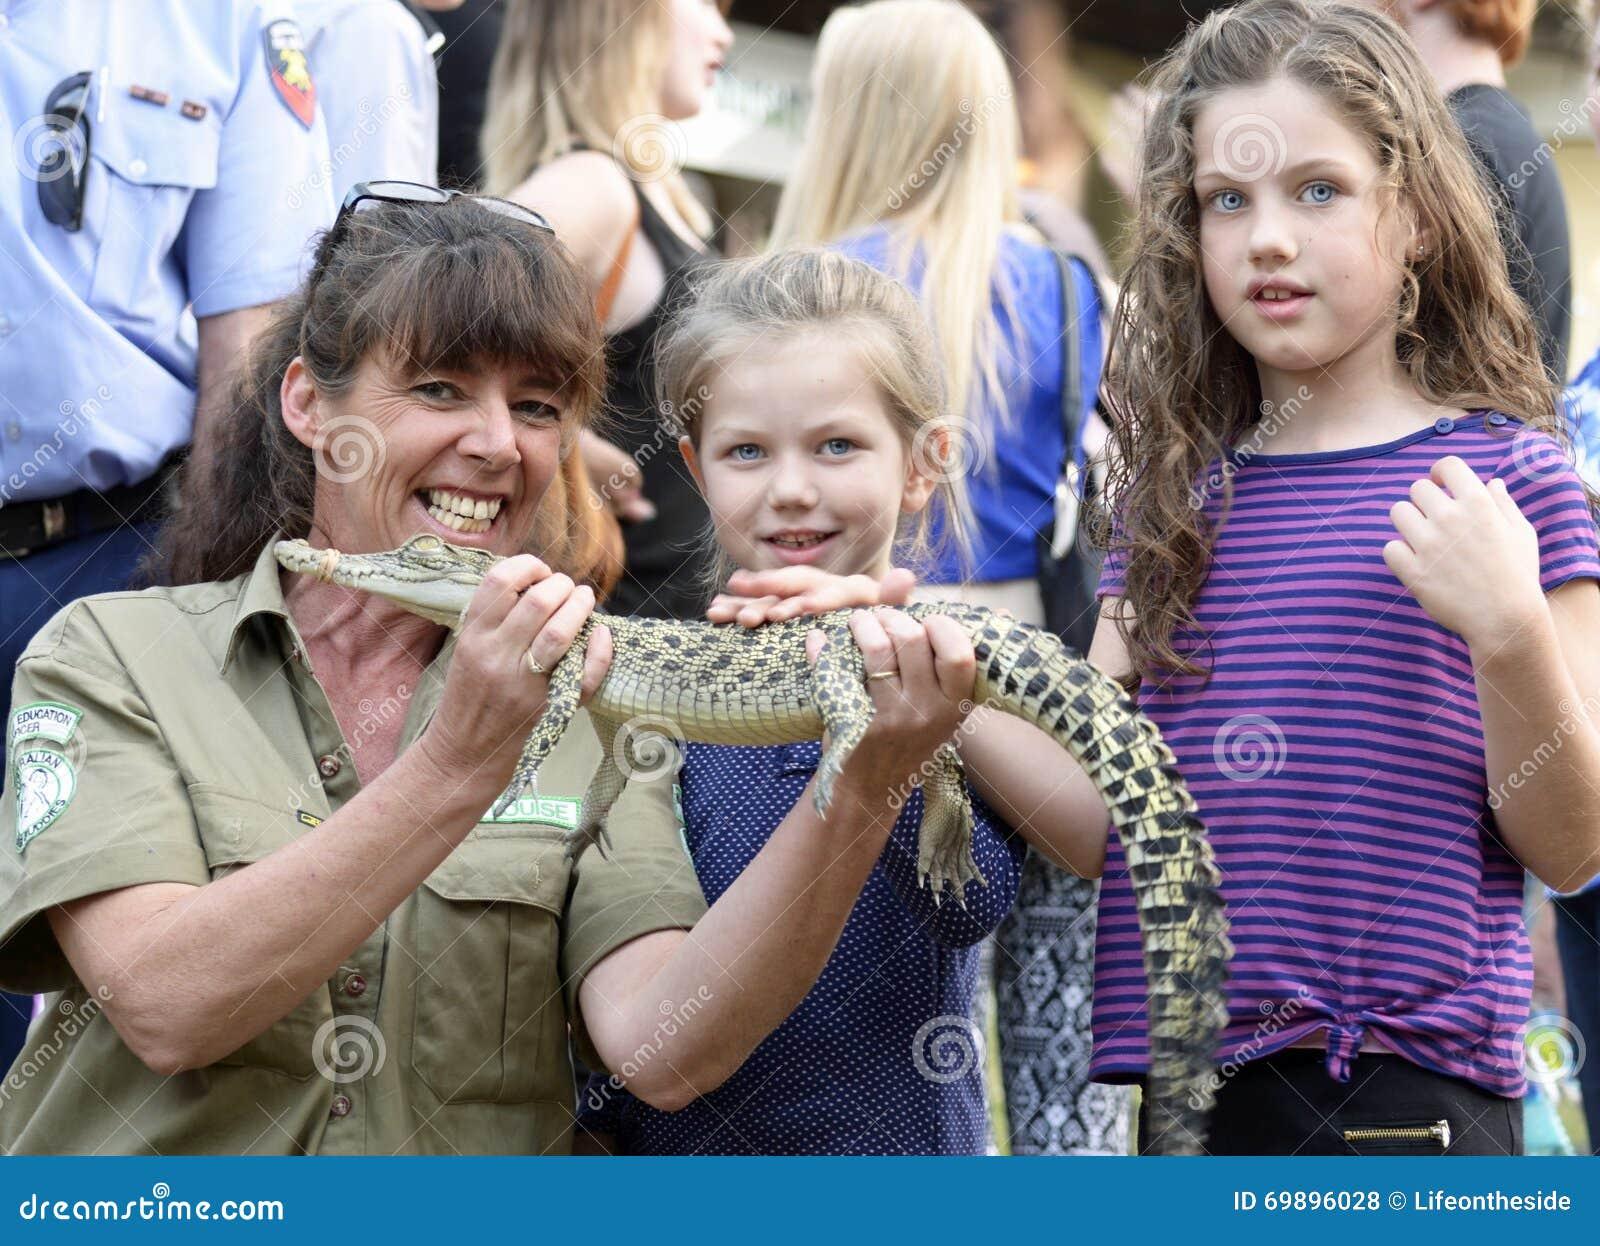 Unterrichtende Kinder des australischen Frauen-Wildhüters der wild lebenden Tiere über gebürtige Krokodile an der lokalen Messe